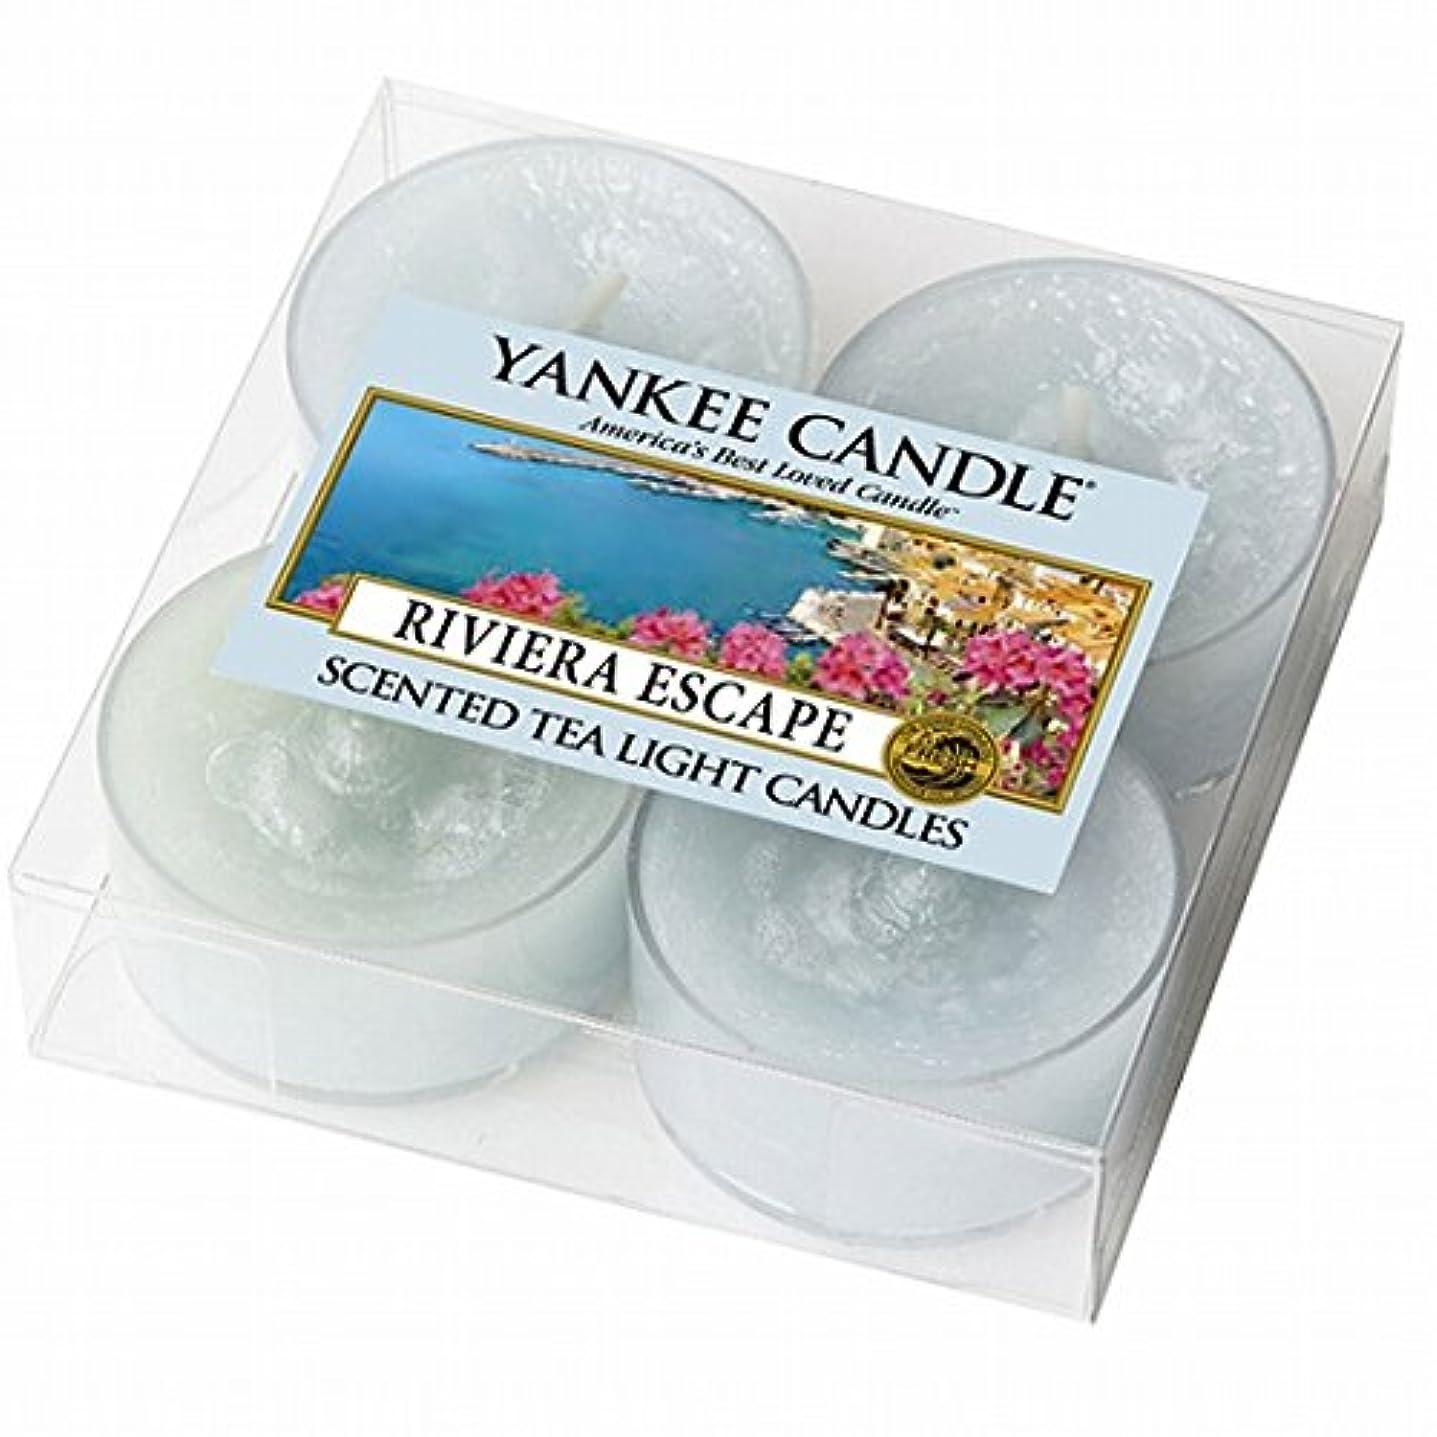 囲むハミングバード寛解YANKEE CANDLE(ヤンキーキャンドル) YANKEE CANDLE クリアカップティーライト4個入り 「リビエラエスケープ」(K00205276)